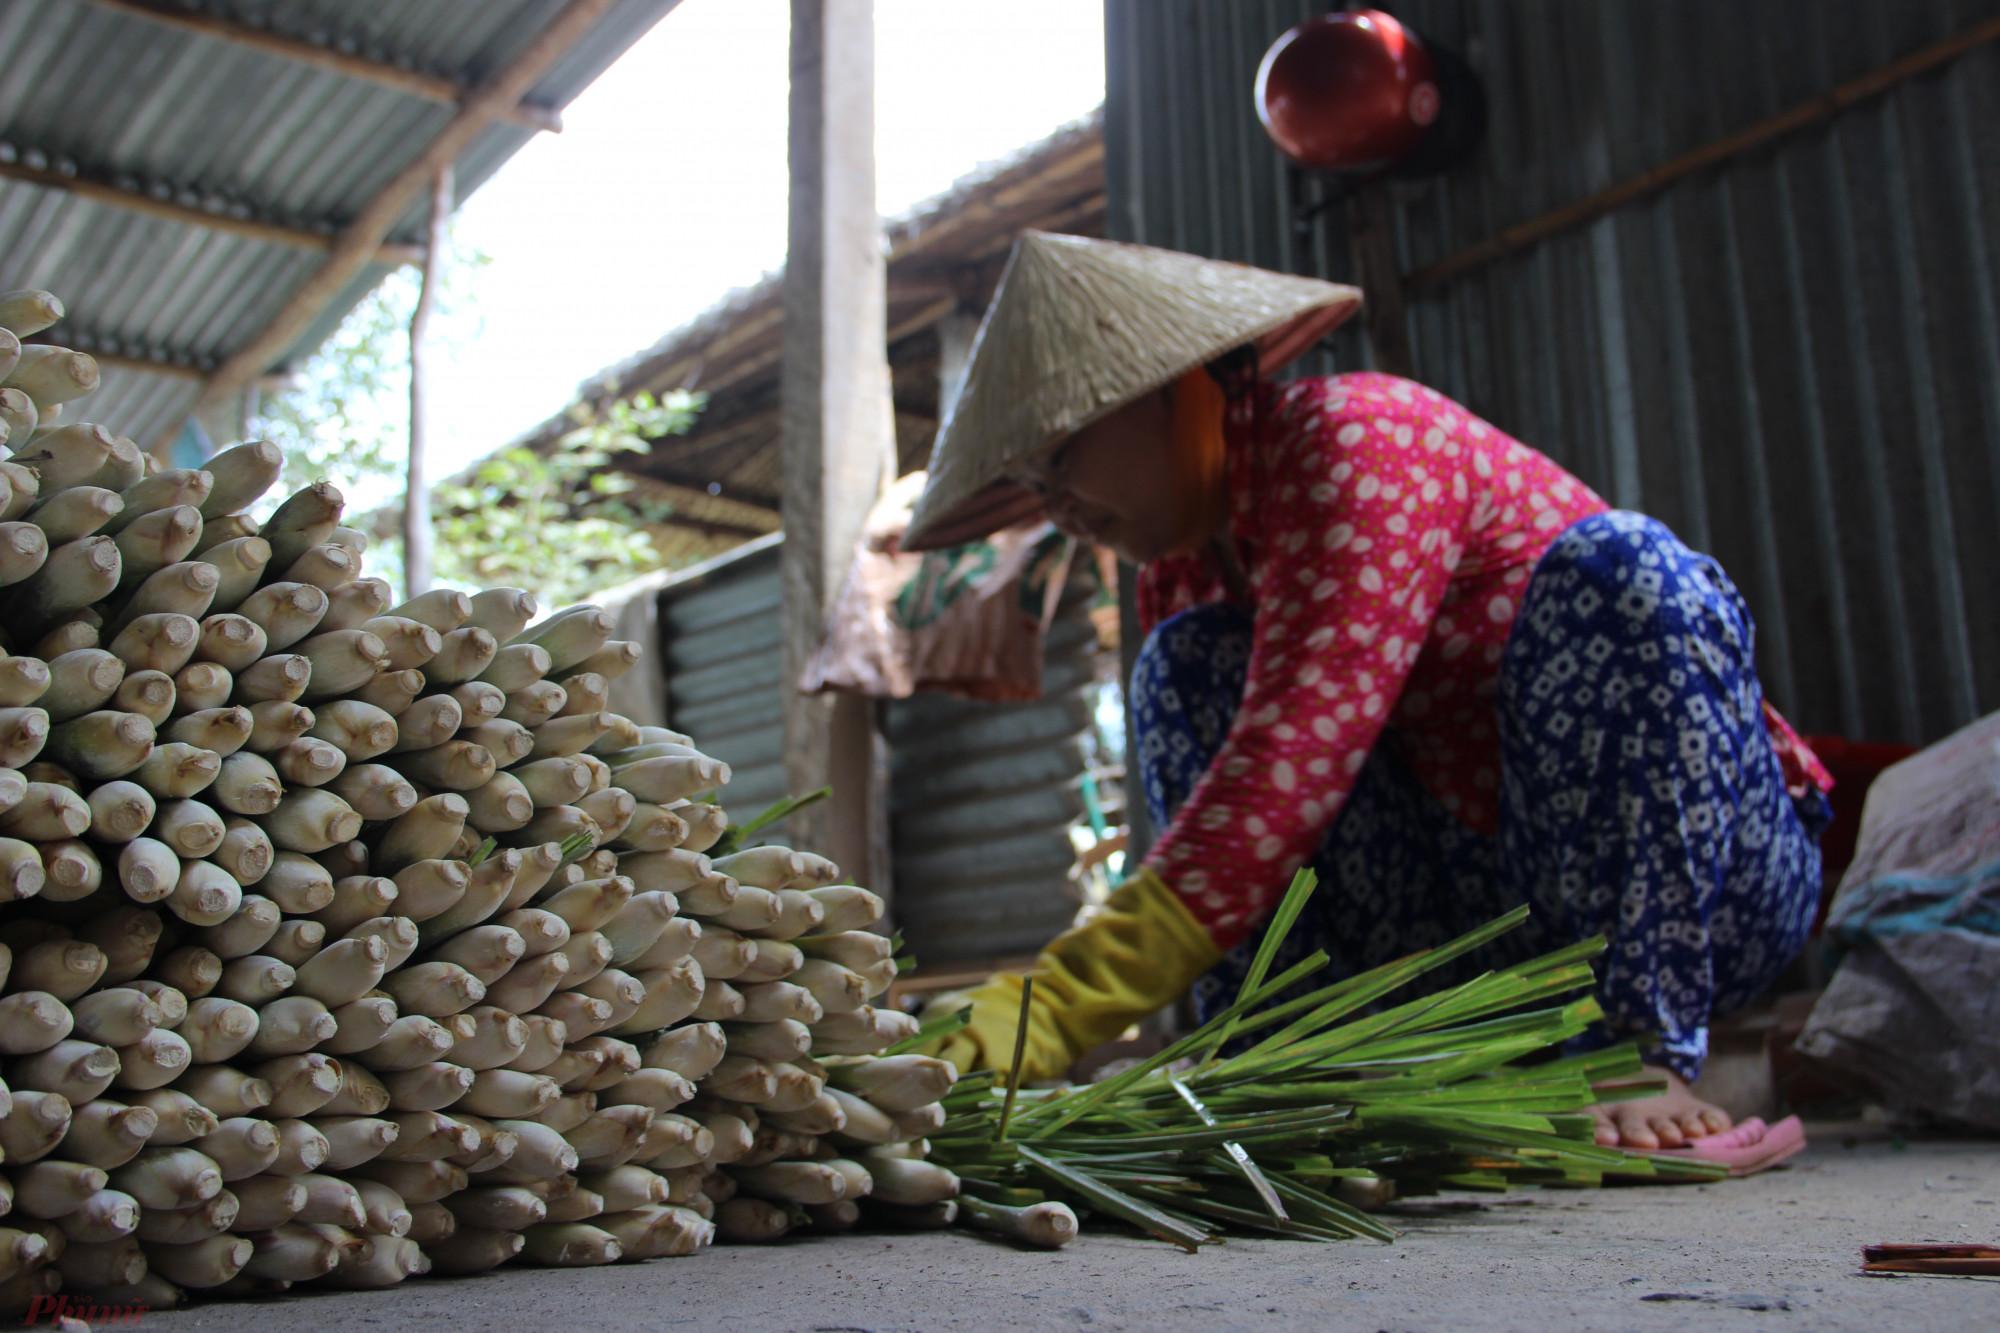 Nông dân tất bật thu hoạch hoa màu để bán trong dịp Tết.